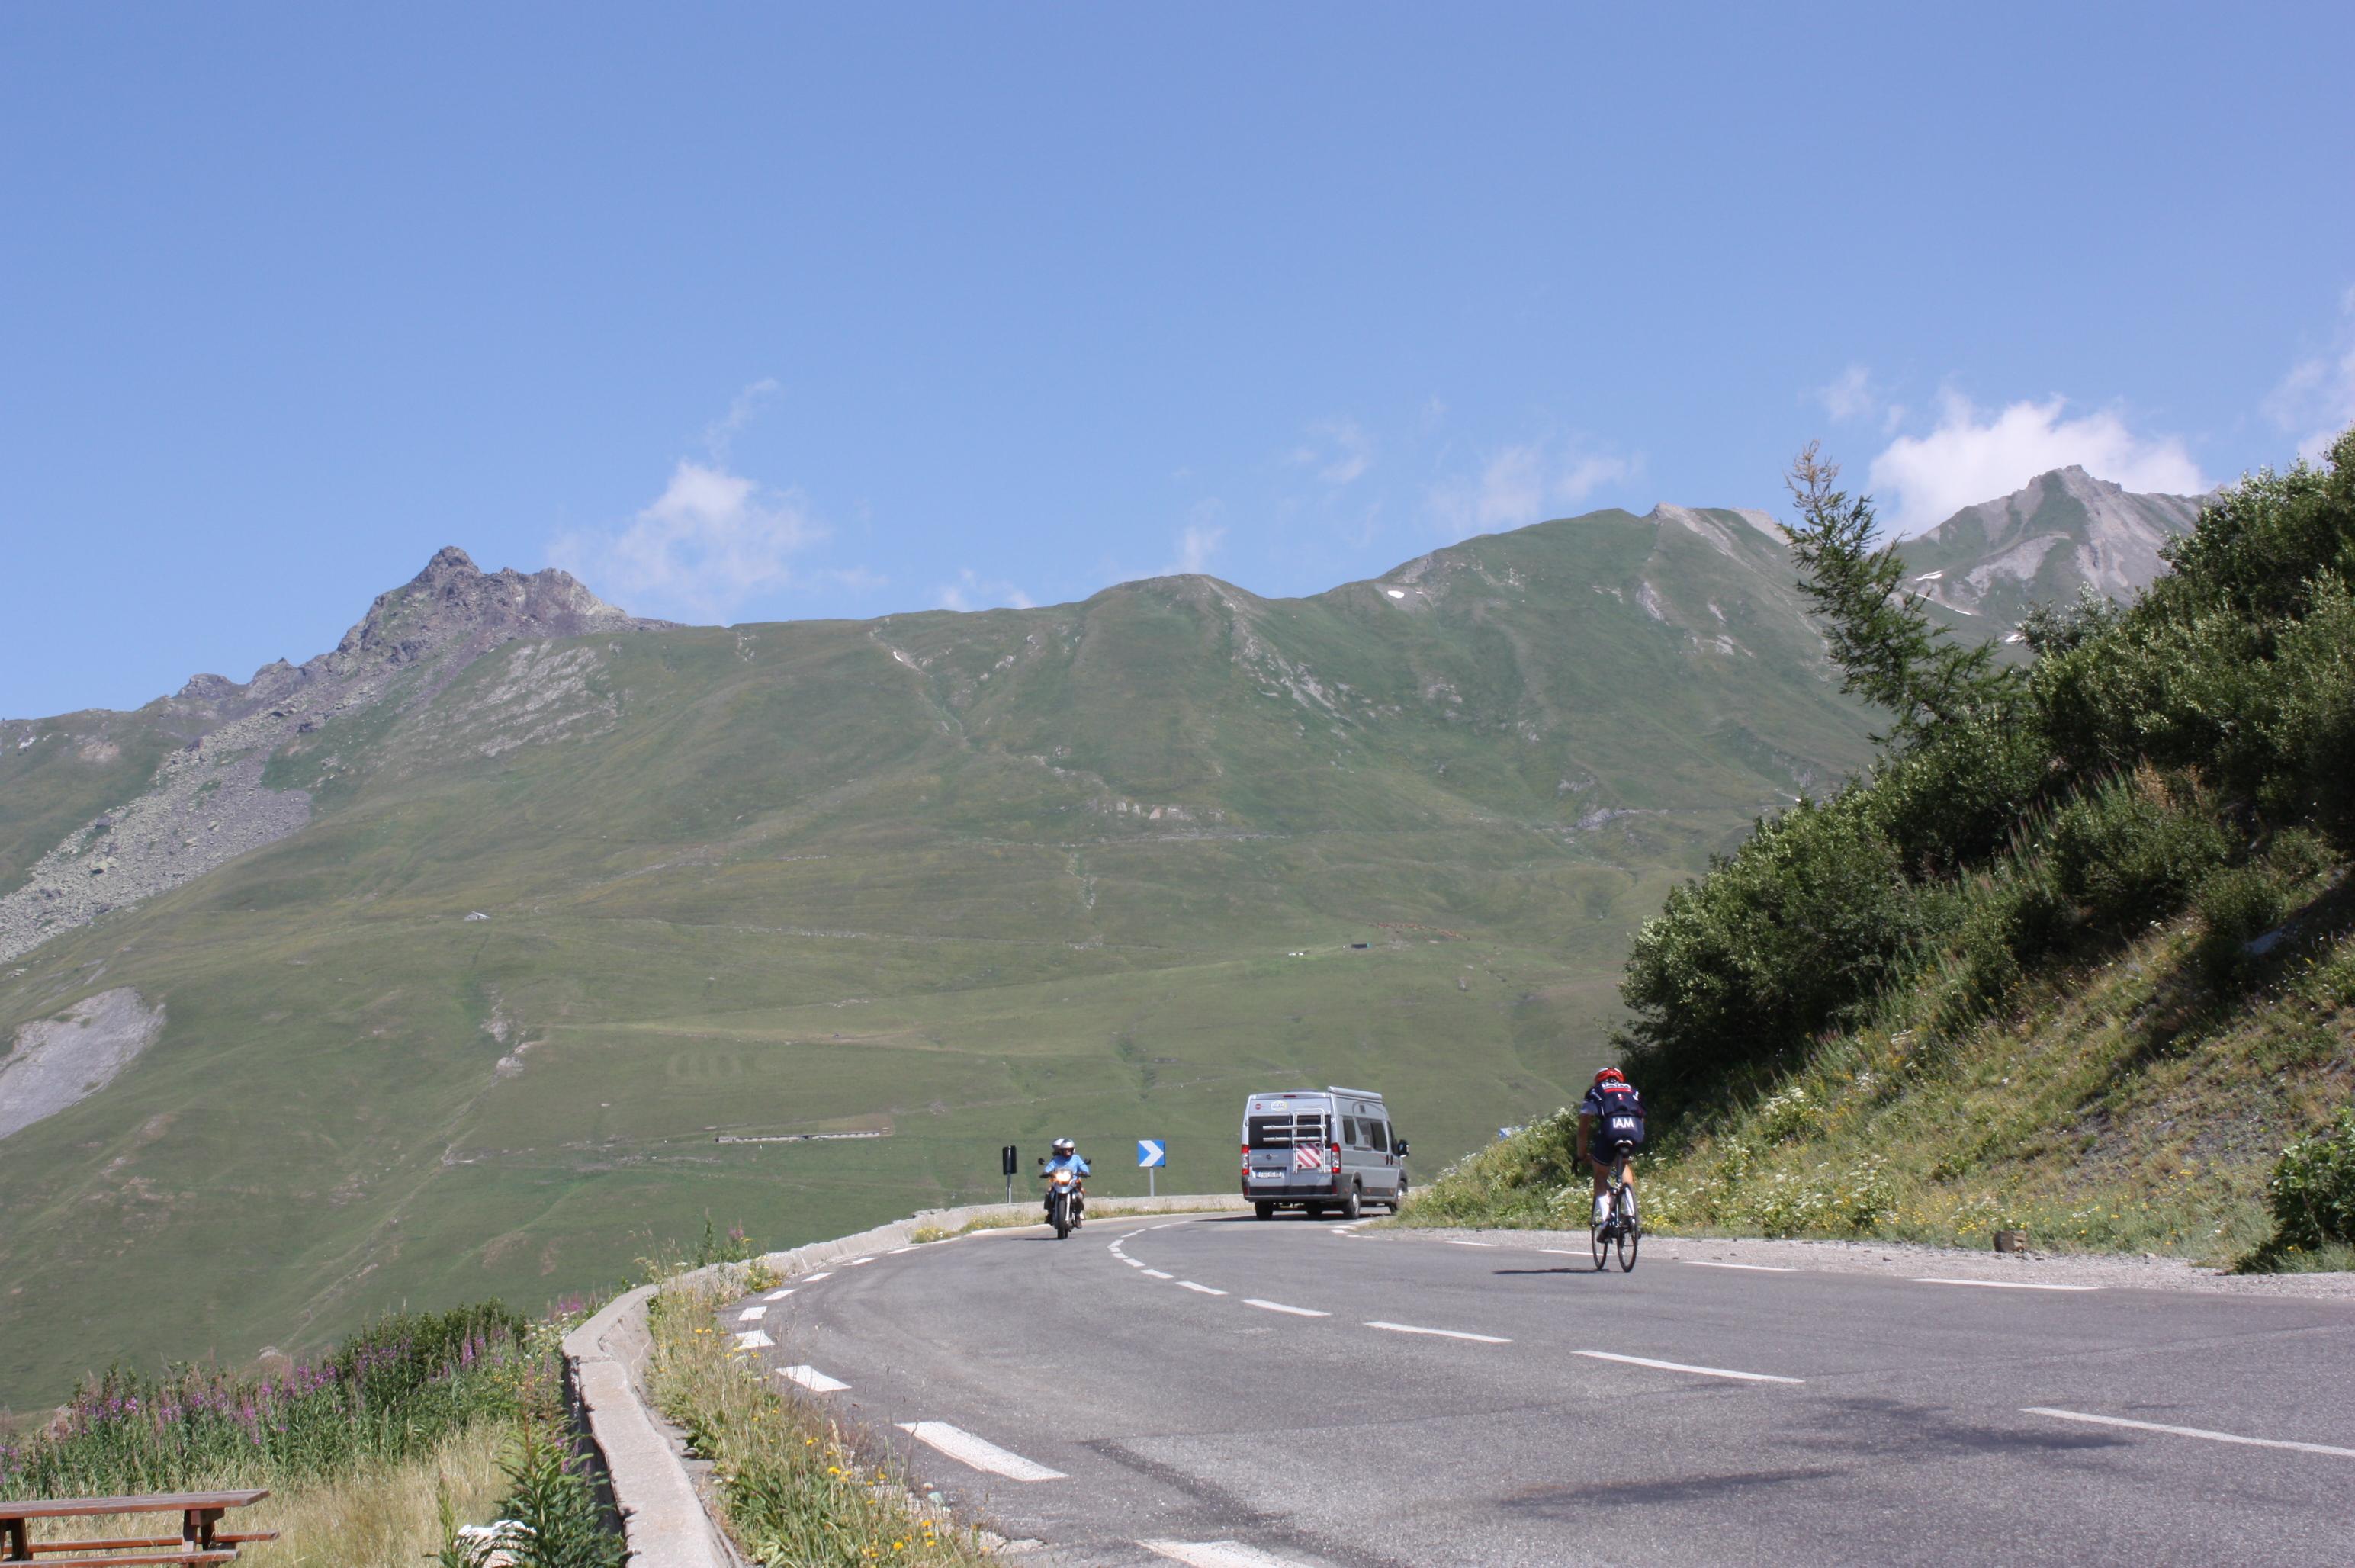 (Français) Montée à vélo - Montvalezan